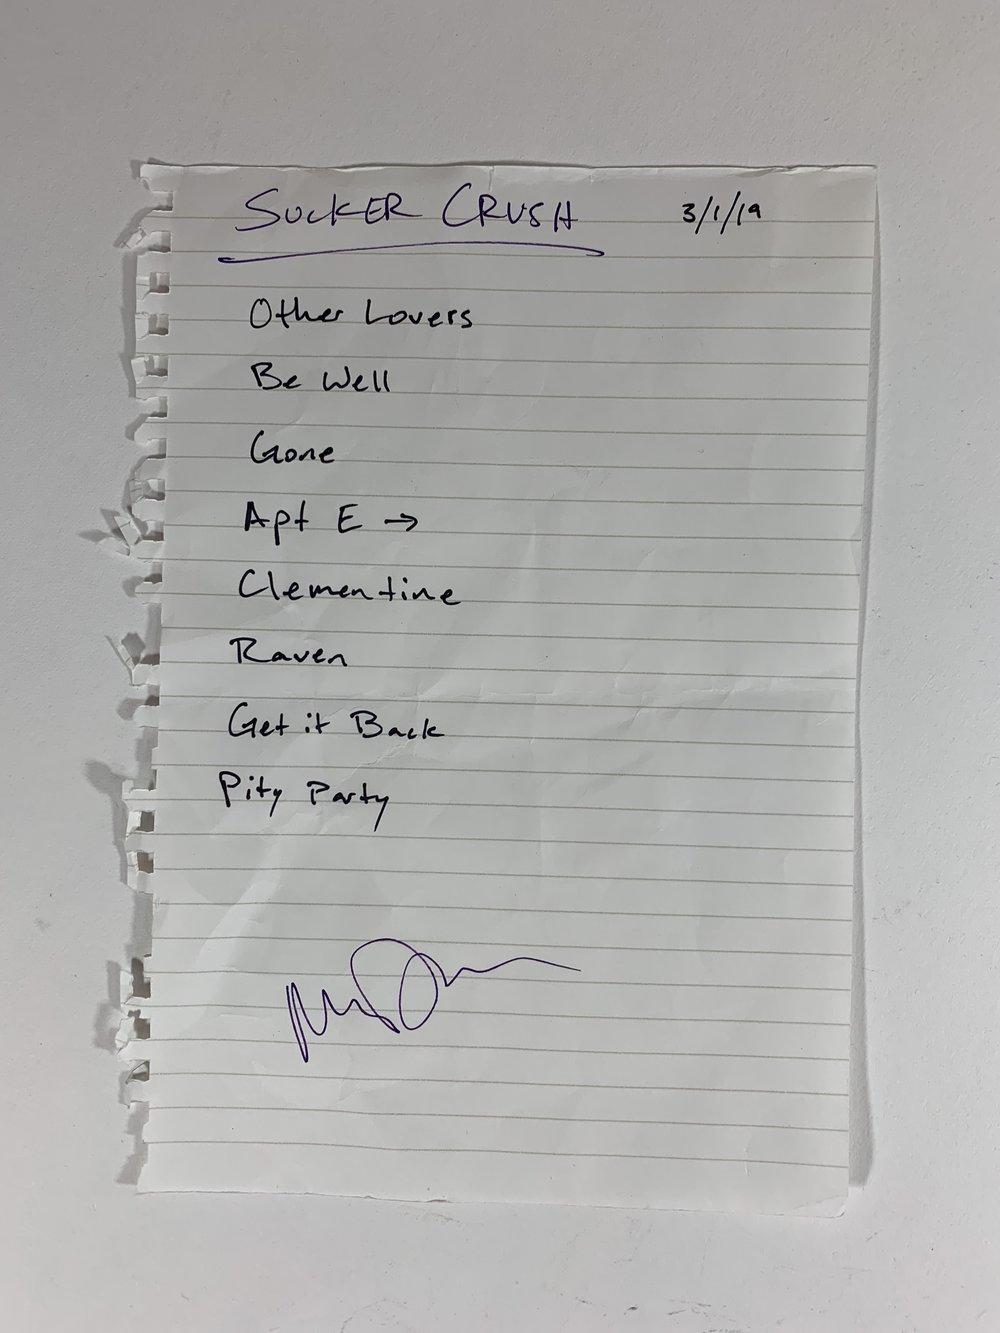 Sucker Crush | Swedish American Hall | 3/1